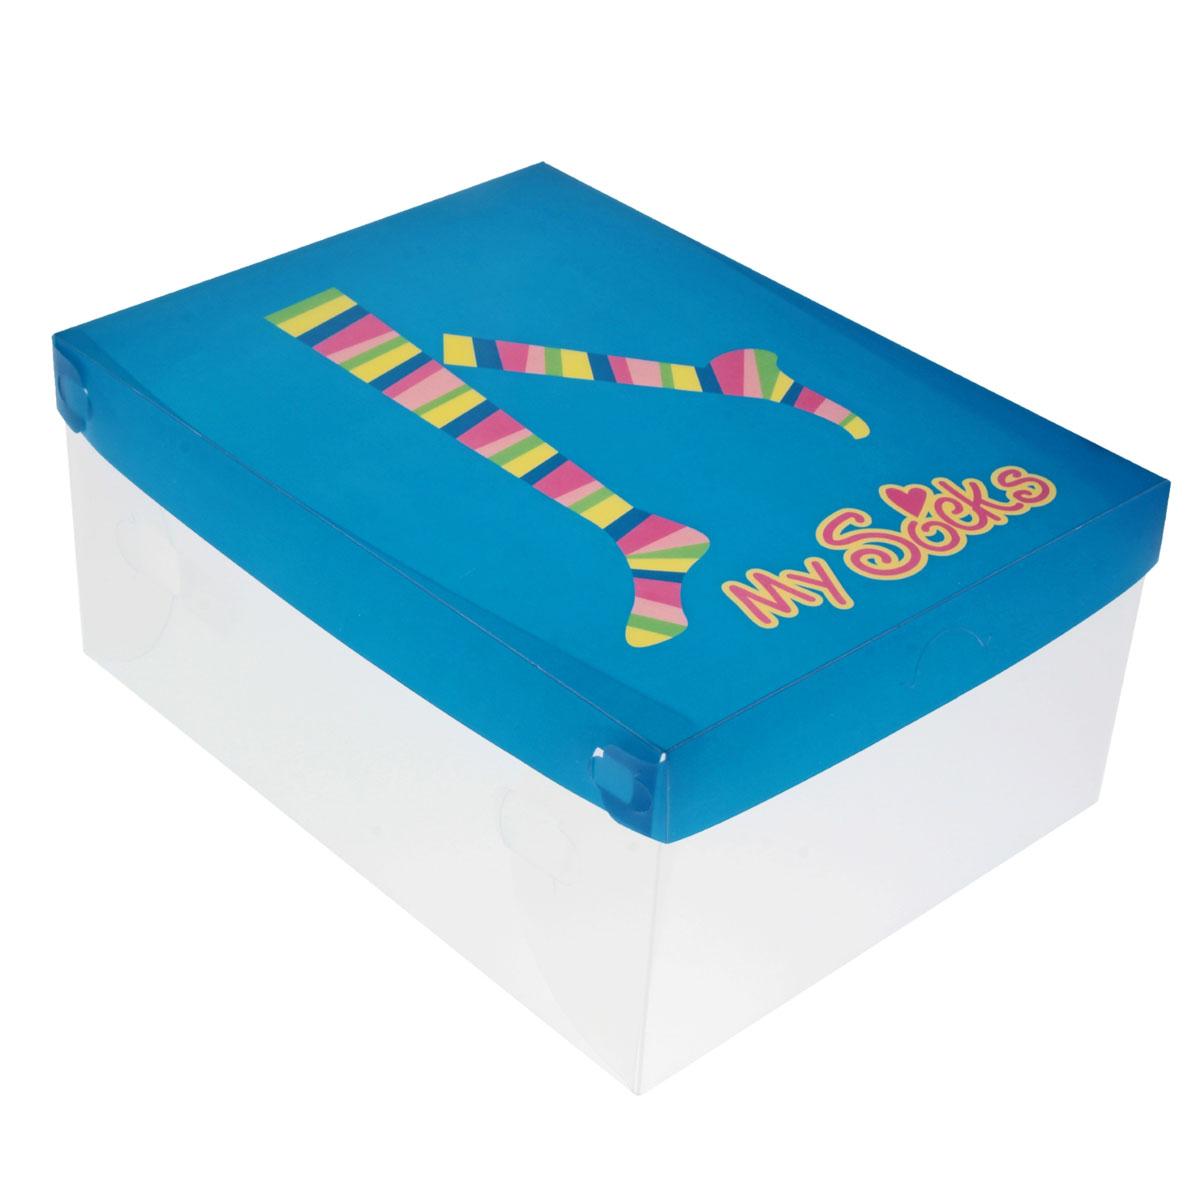 Коробка для хранения Sima-land Носочки, 30 см х 22,5 см х 13,5 см2400604596370Коробка для хранения Sima-land Носочки изготовлена из высококачественного прозрачного пластика. Коробка имеет пластиковую крышку, которая декорирована изображением носков и надписью My Socks. Коробка специально предназначена для хранения носков. Изделие легко собирается и не занимает много места. В коробке имеется отверстие, обеспечивающее естественную вентиляцию вещей.Коробка для хранения Sima-land Носочки - идеальное решение для аккуратного хранения ваших вещей. Размер коробки: 30 см х 22,5 см х 13,5 см.